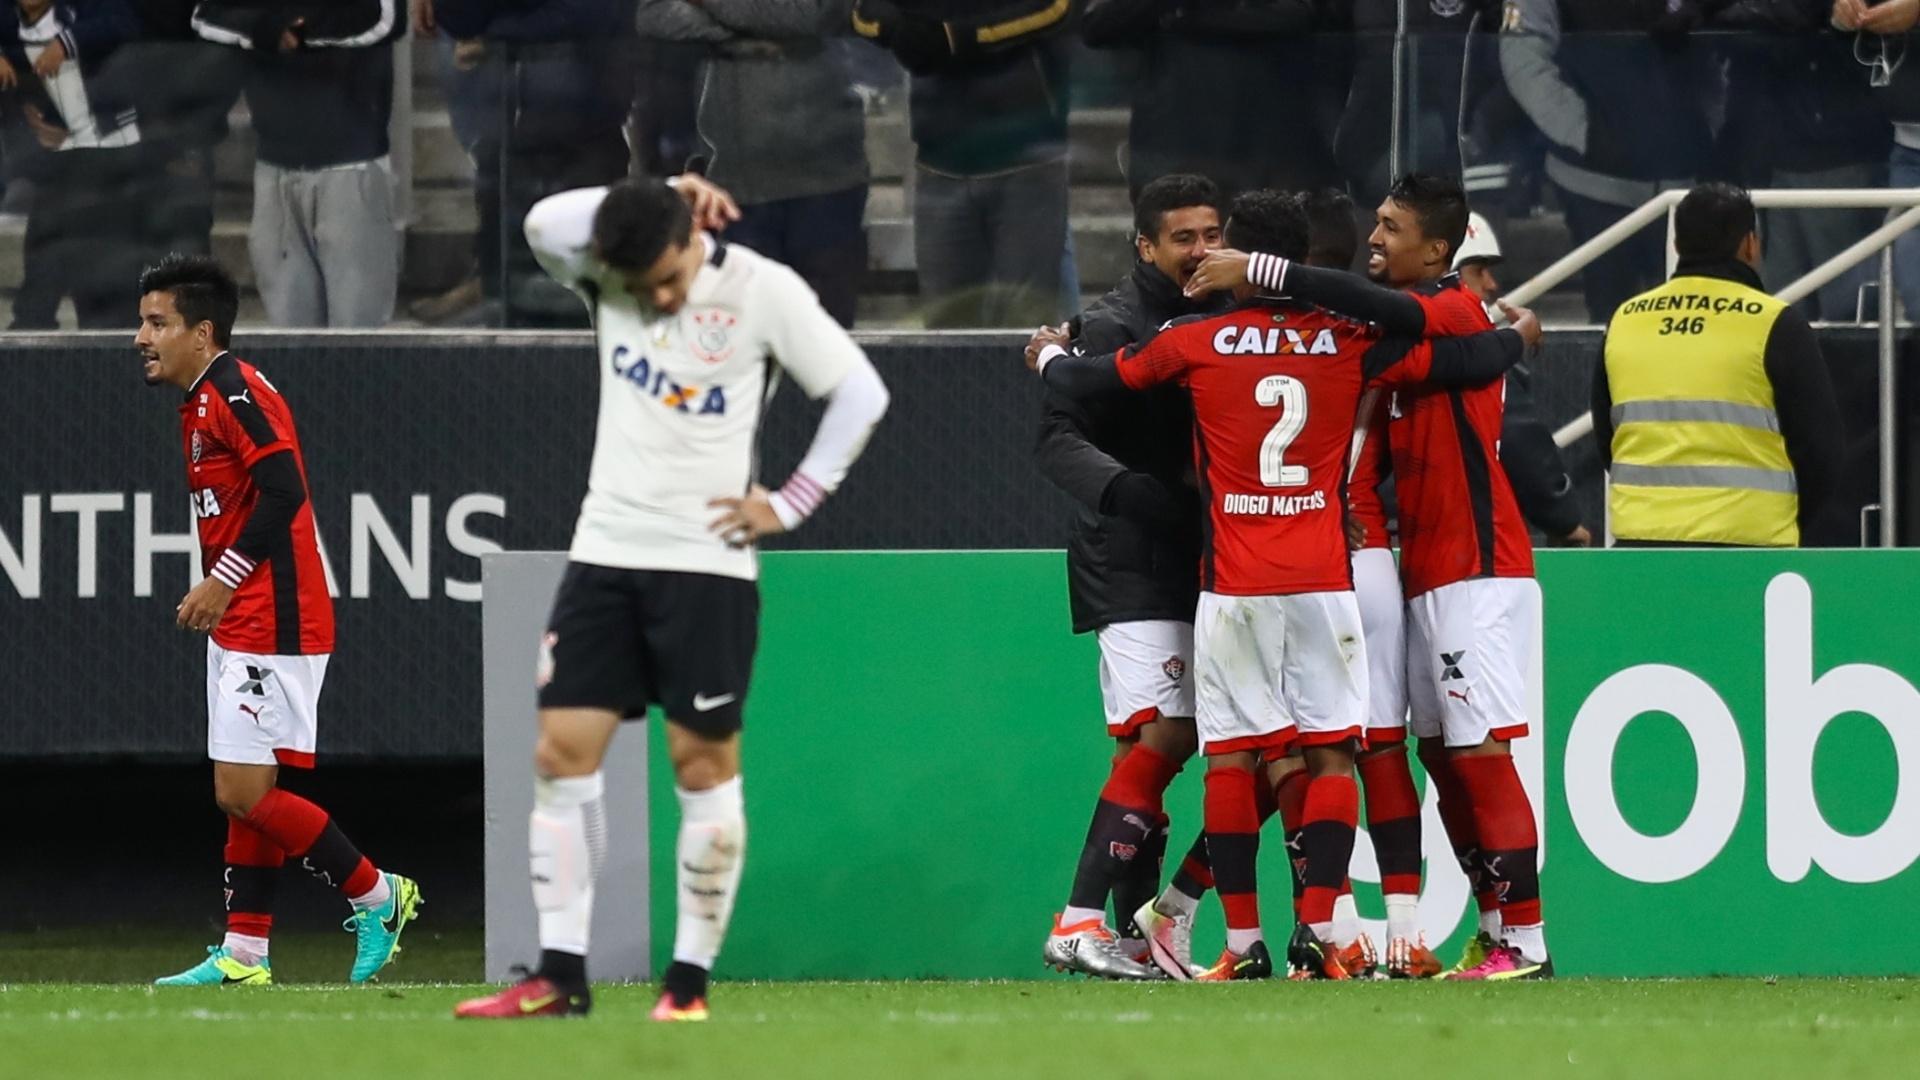 Jogadores do Vitória comemoram gol marcado contra o Corinthians